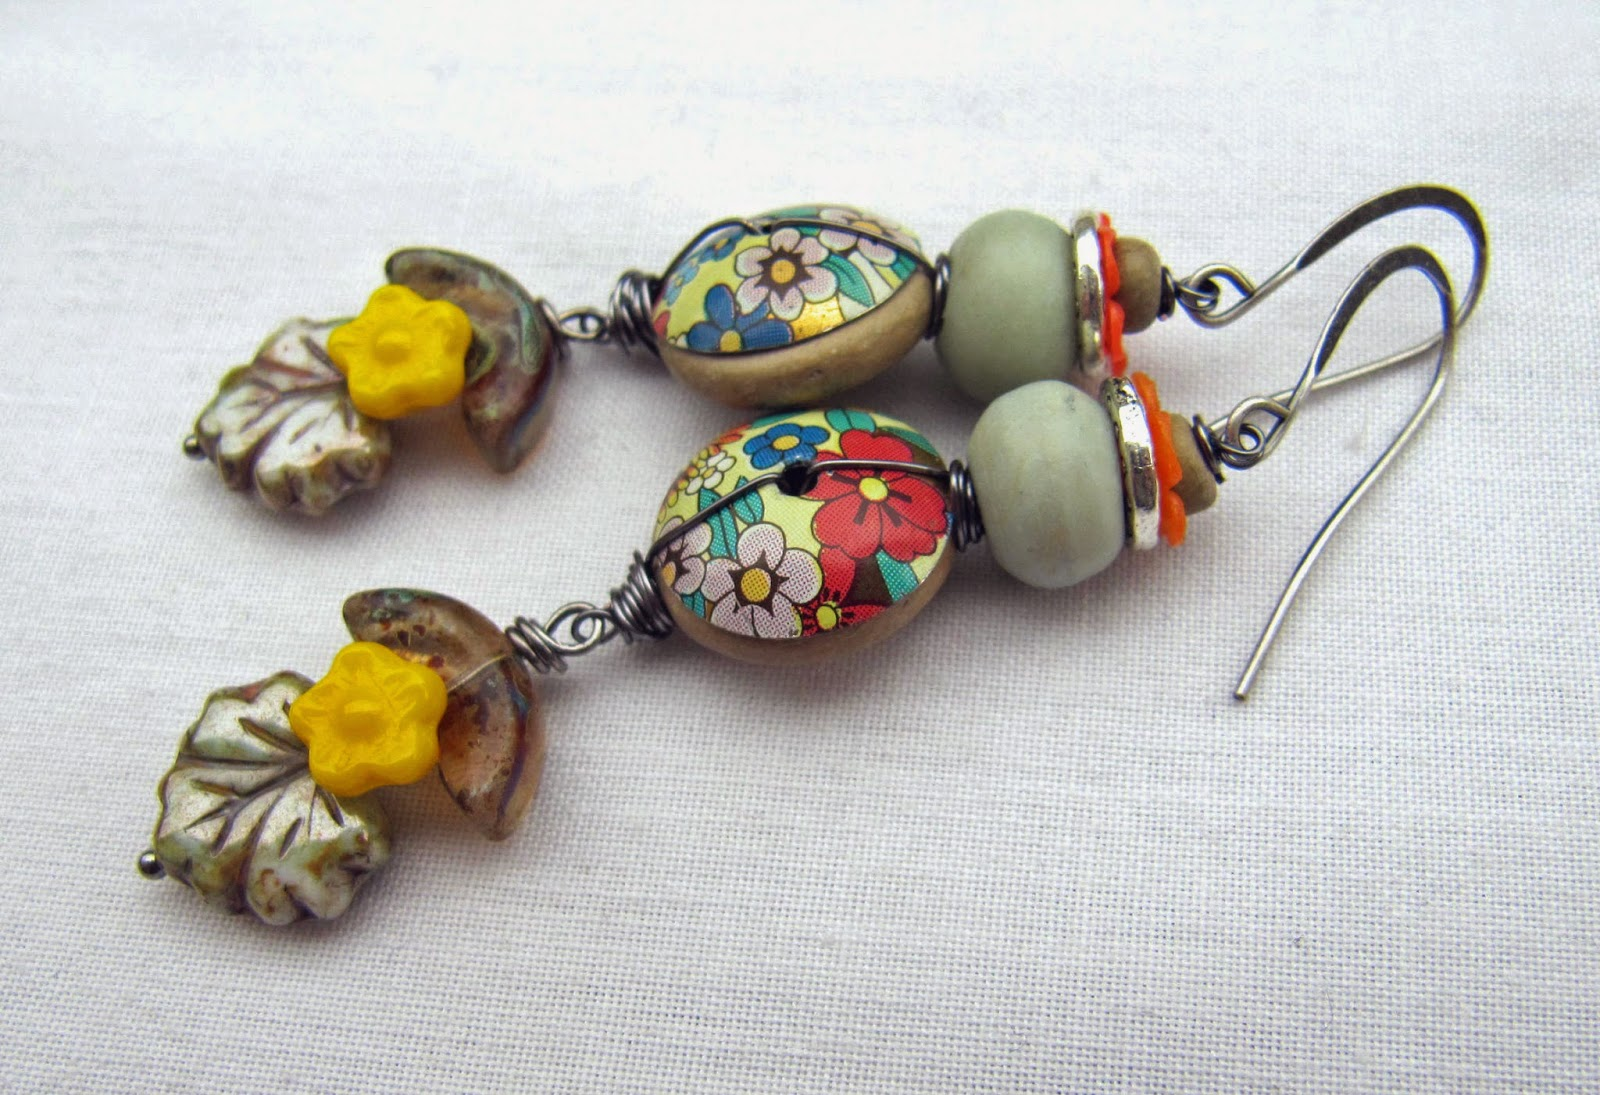 http://1.bp.blogspot.com/-9rzUUVx80V0/VQMR3Cv4ClI/AAAAAAAABIE/airzT2xkaWs/s1600/bead%2Bcap%2Bearrings%2B2.jpg